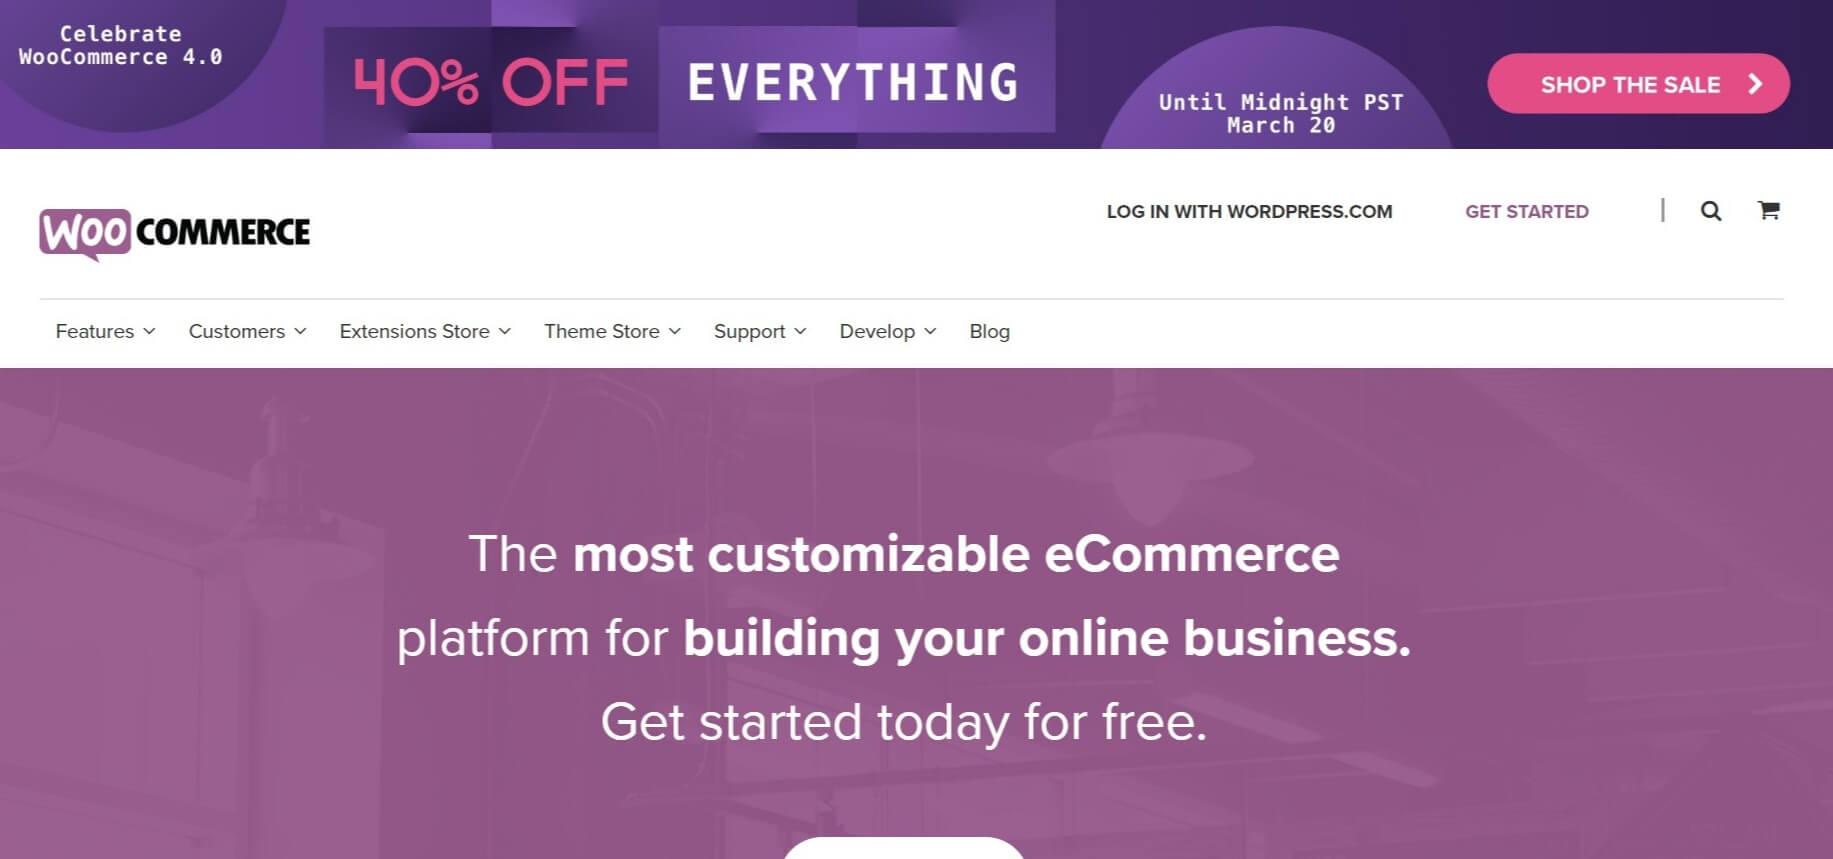 Woocommerce screenshot image